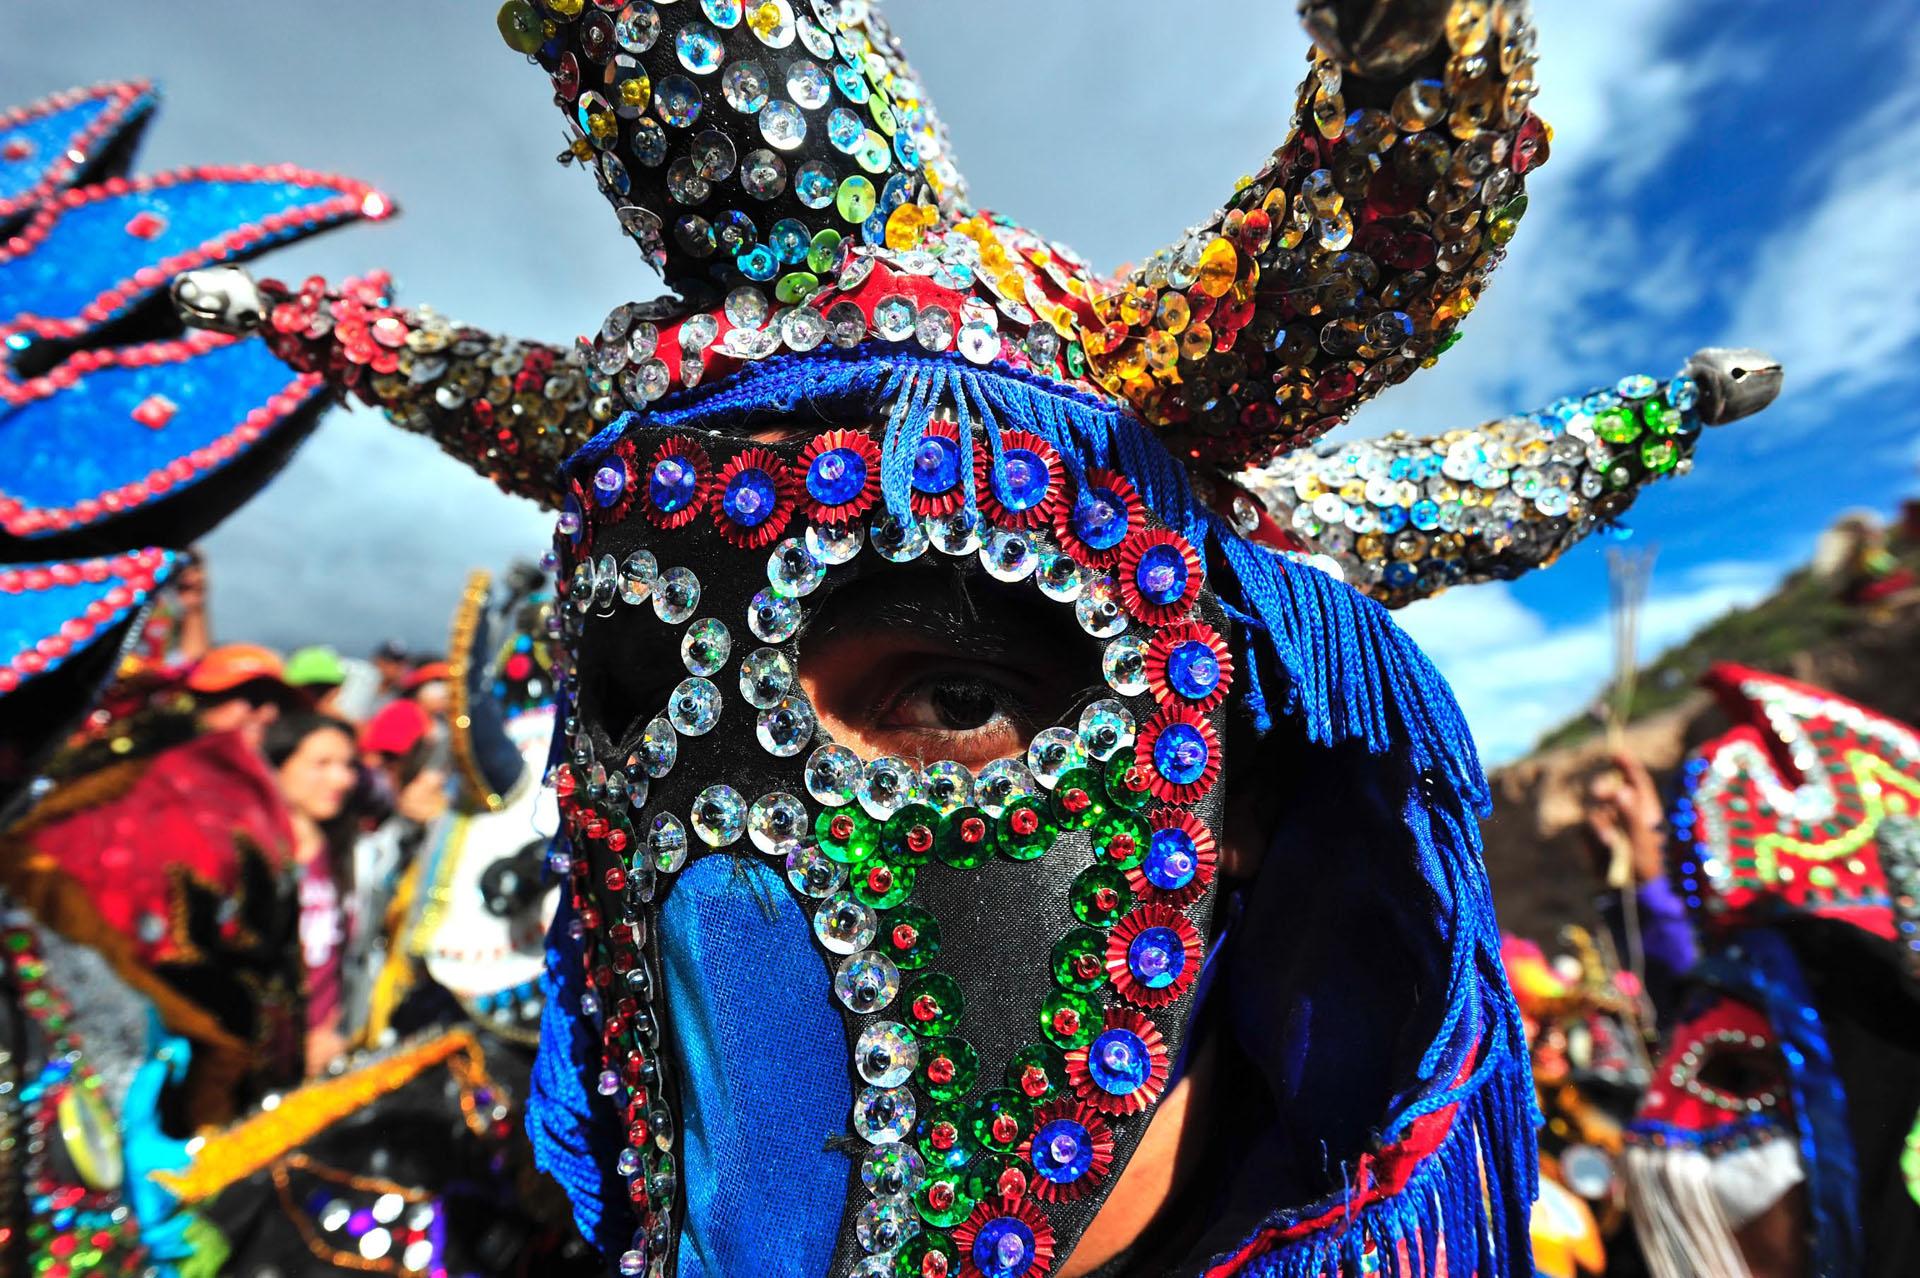 En las entrañas de la Pachamama, en ese pozo plagado de ofrendas que están ubicados en los sitios más elevados, descansa el diablo